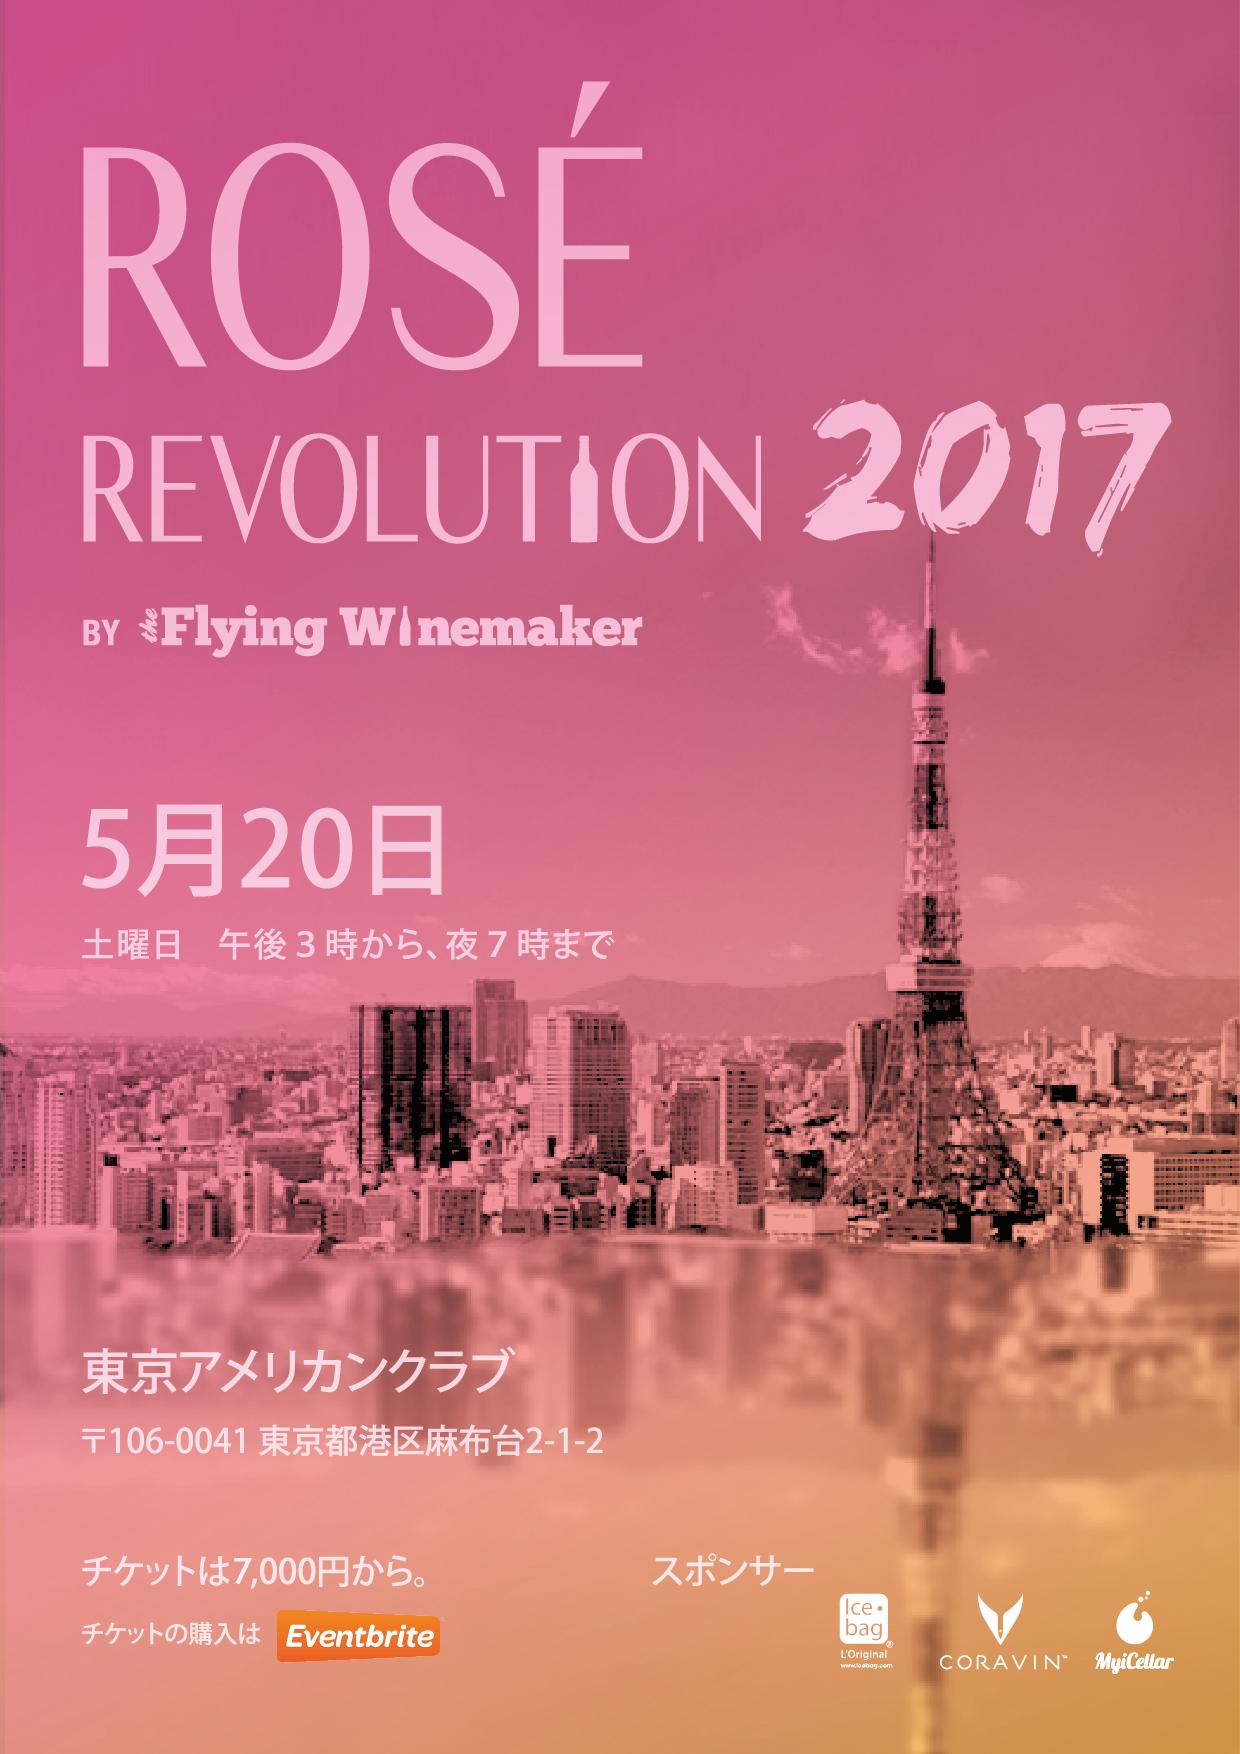 Rose Revolution 2017 Tokyo